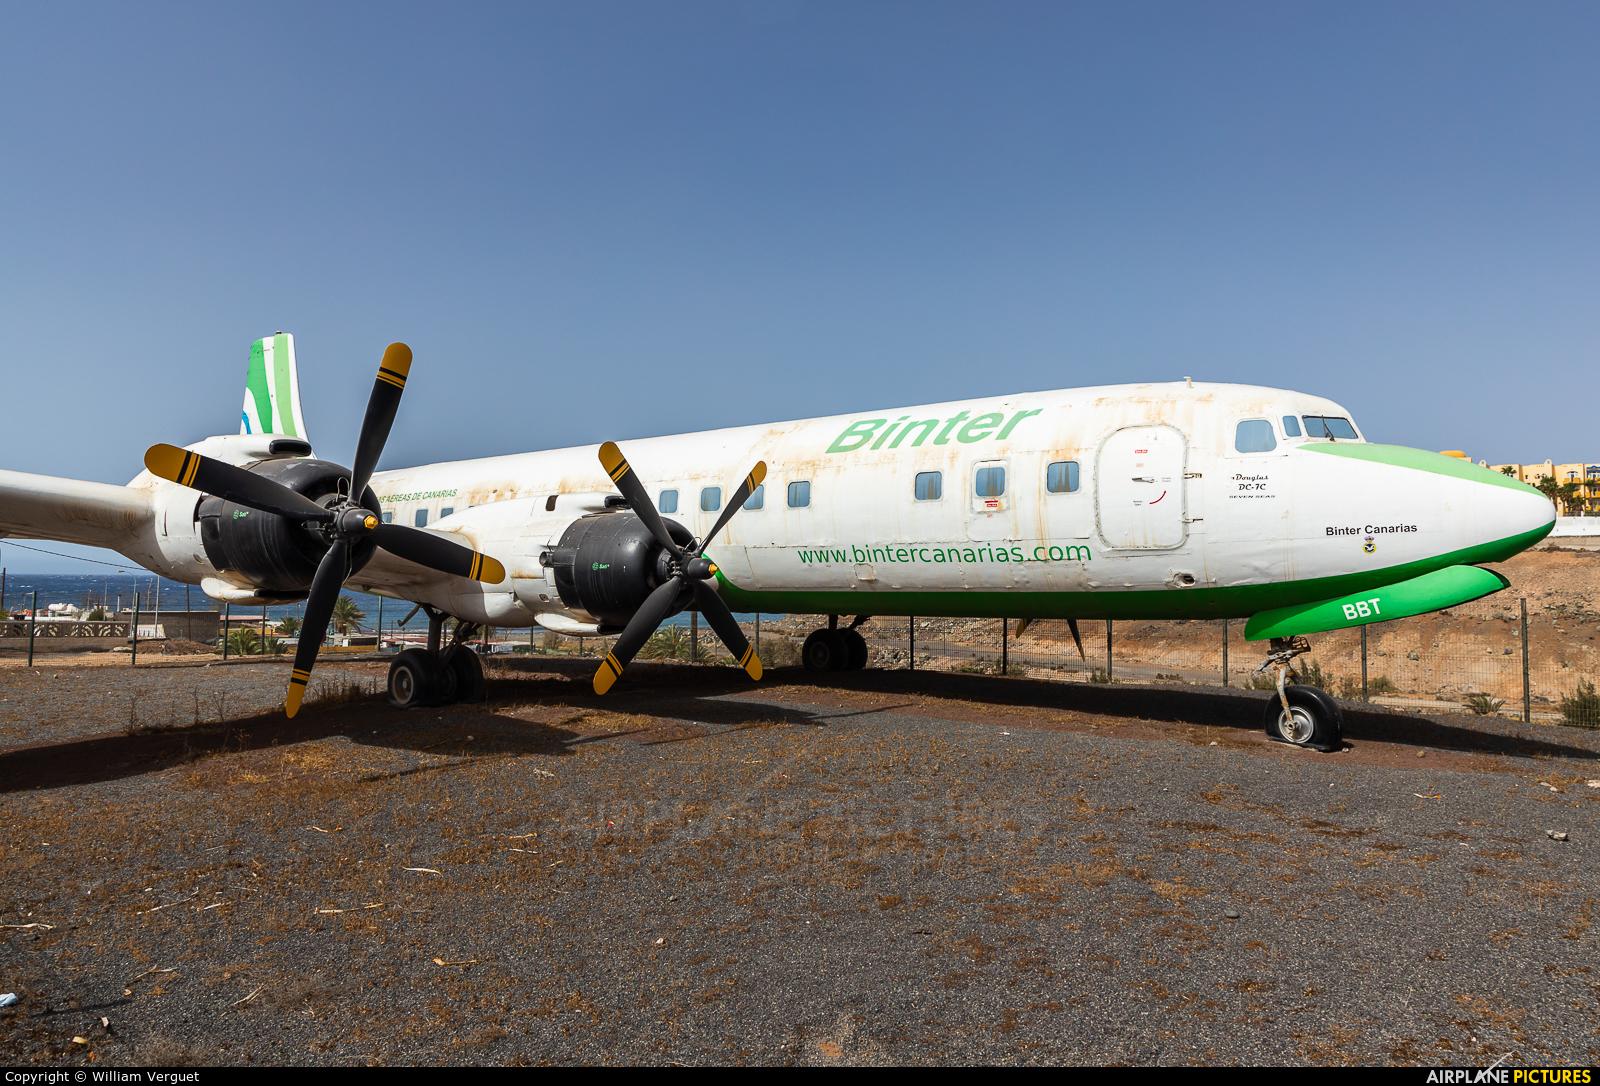 Binter Canarias EC-BBT aircraft at El Berriel